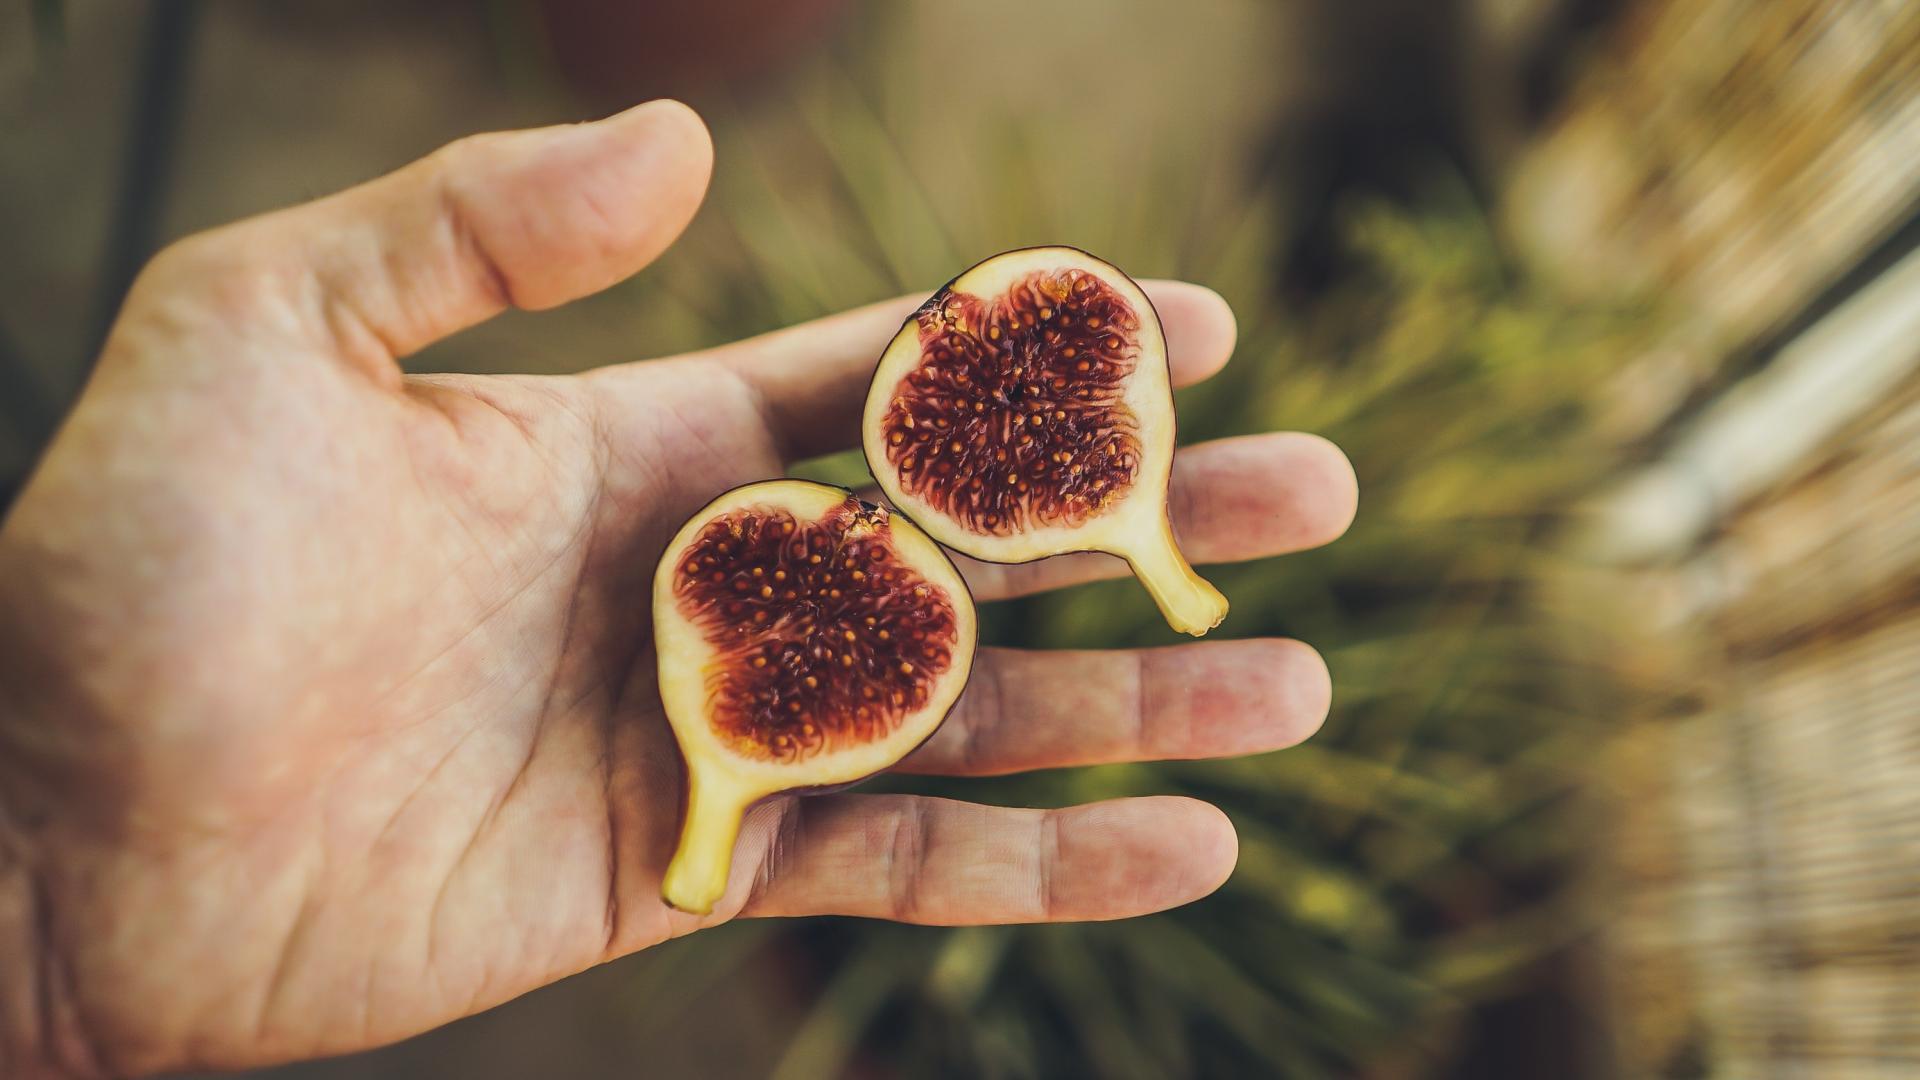 feigen früchte gesund frisch